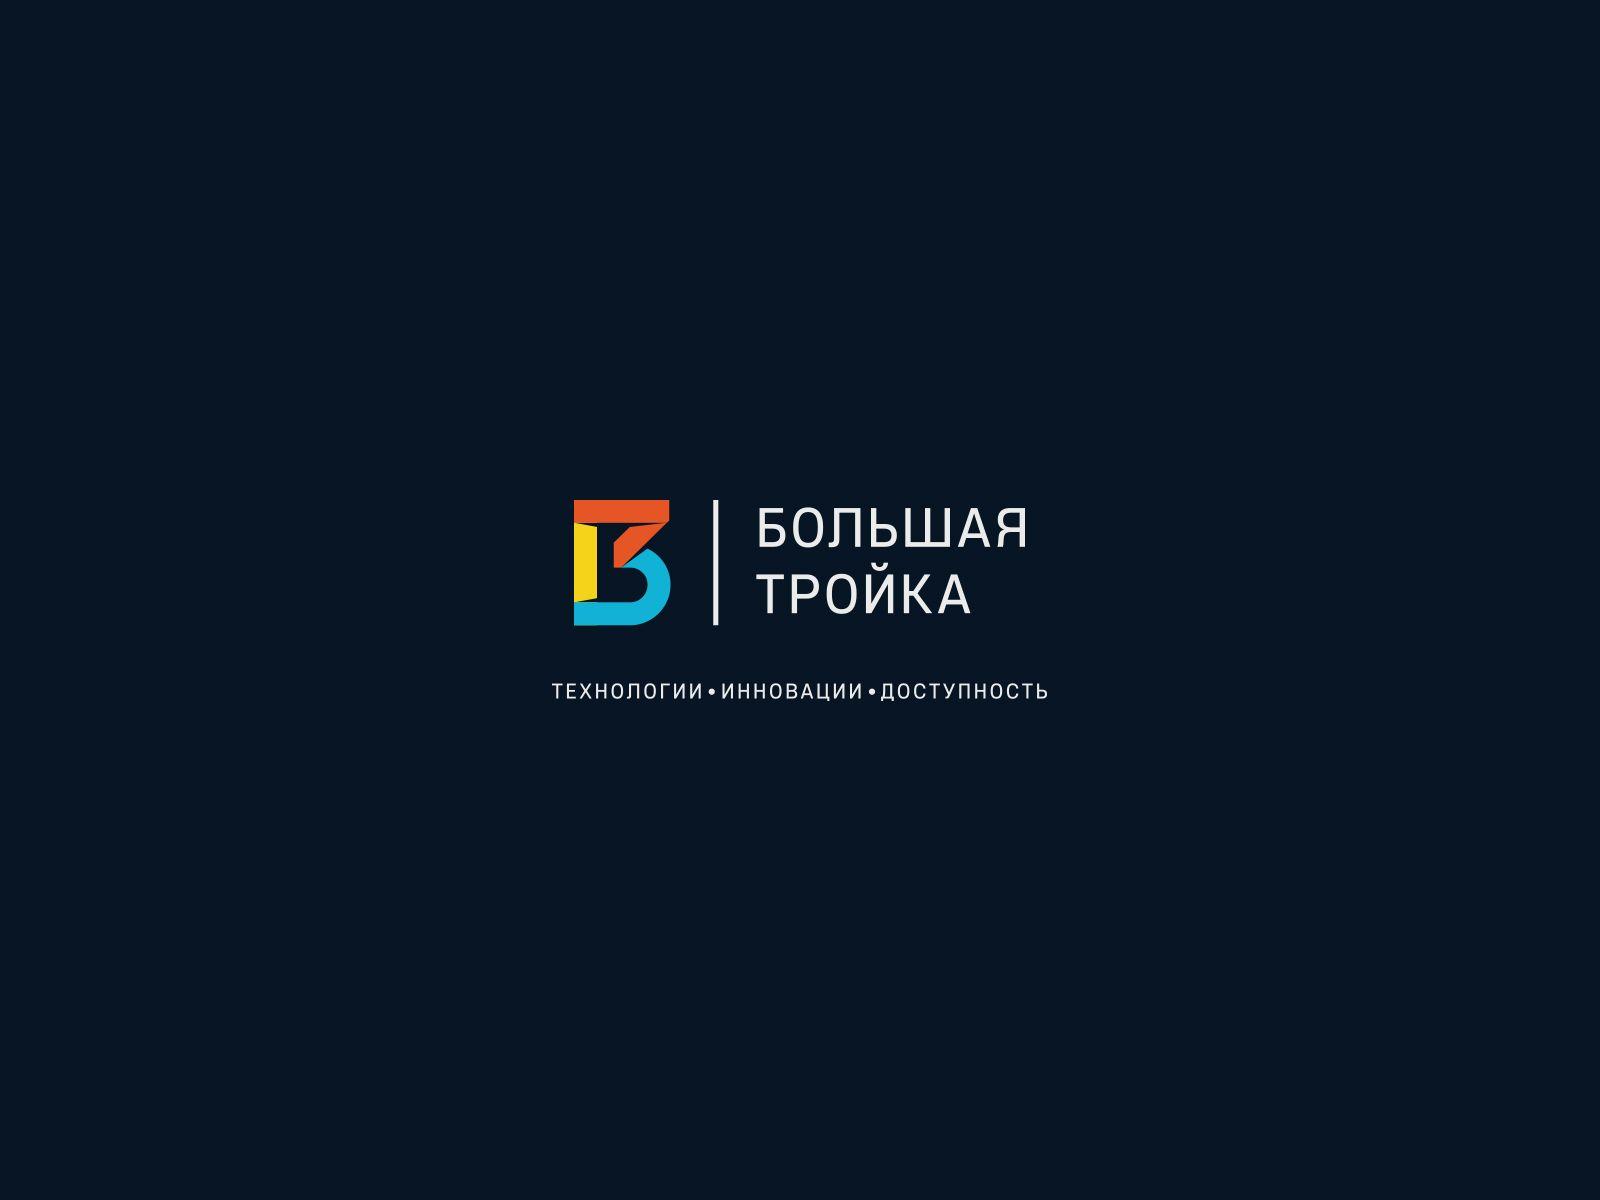 Логотип инновационной компании Большая Тройка - дизайнер U4po4mak